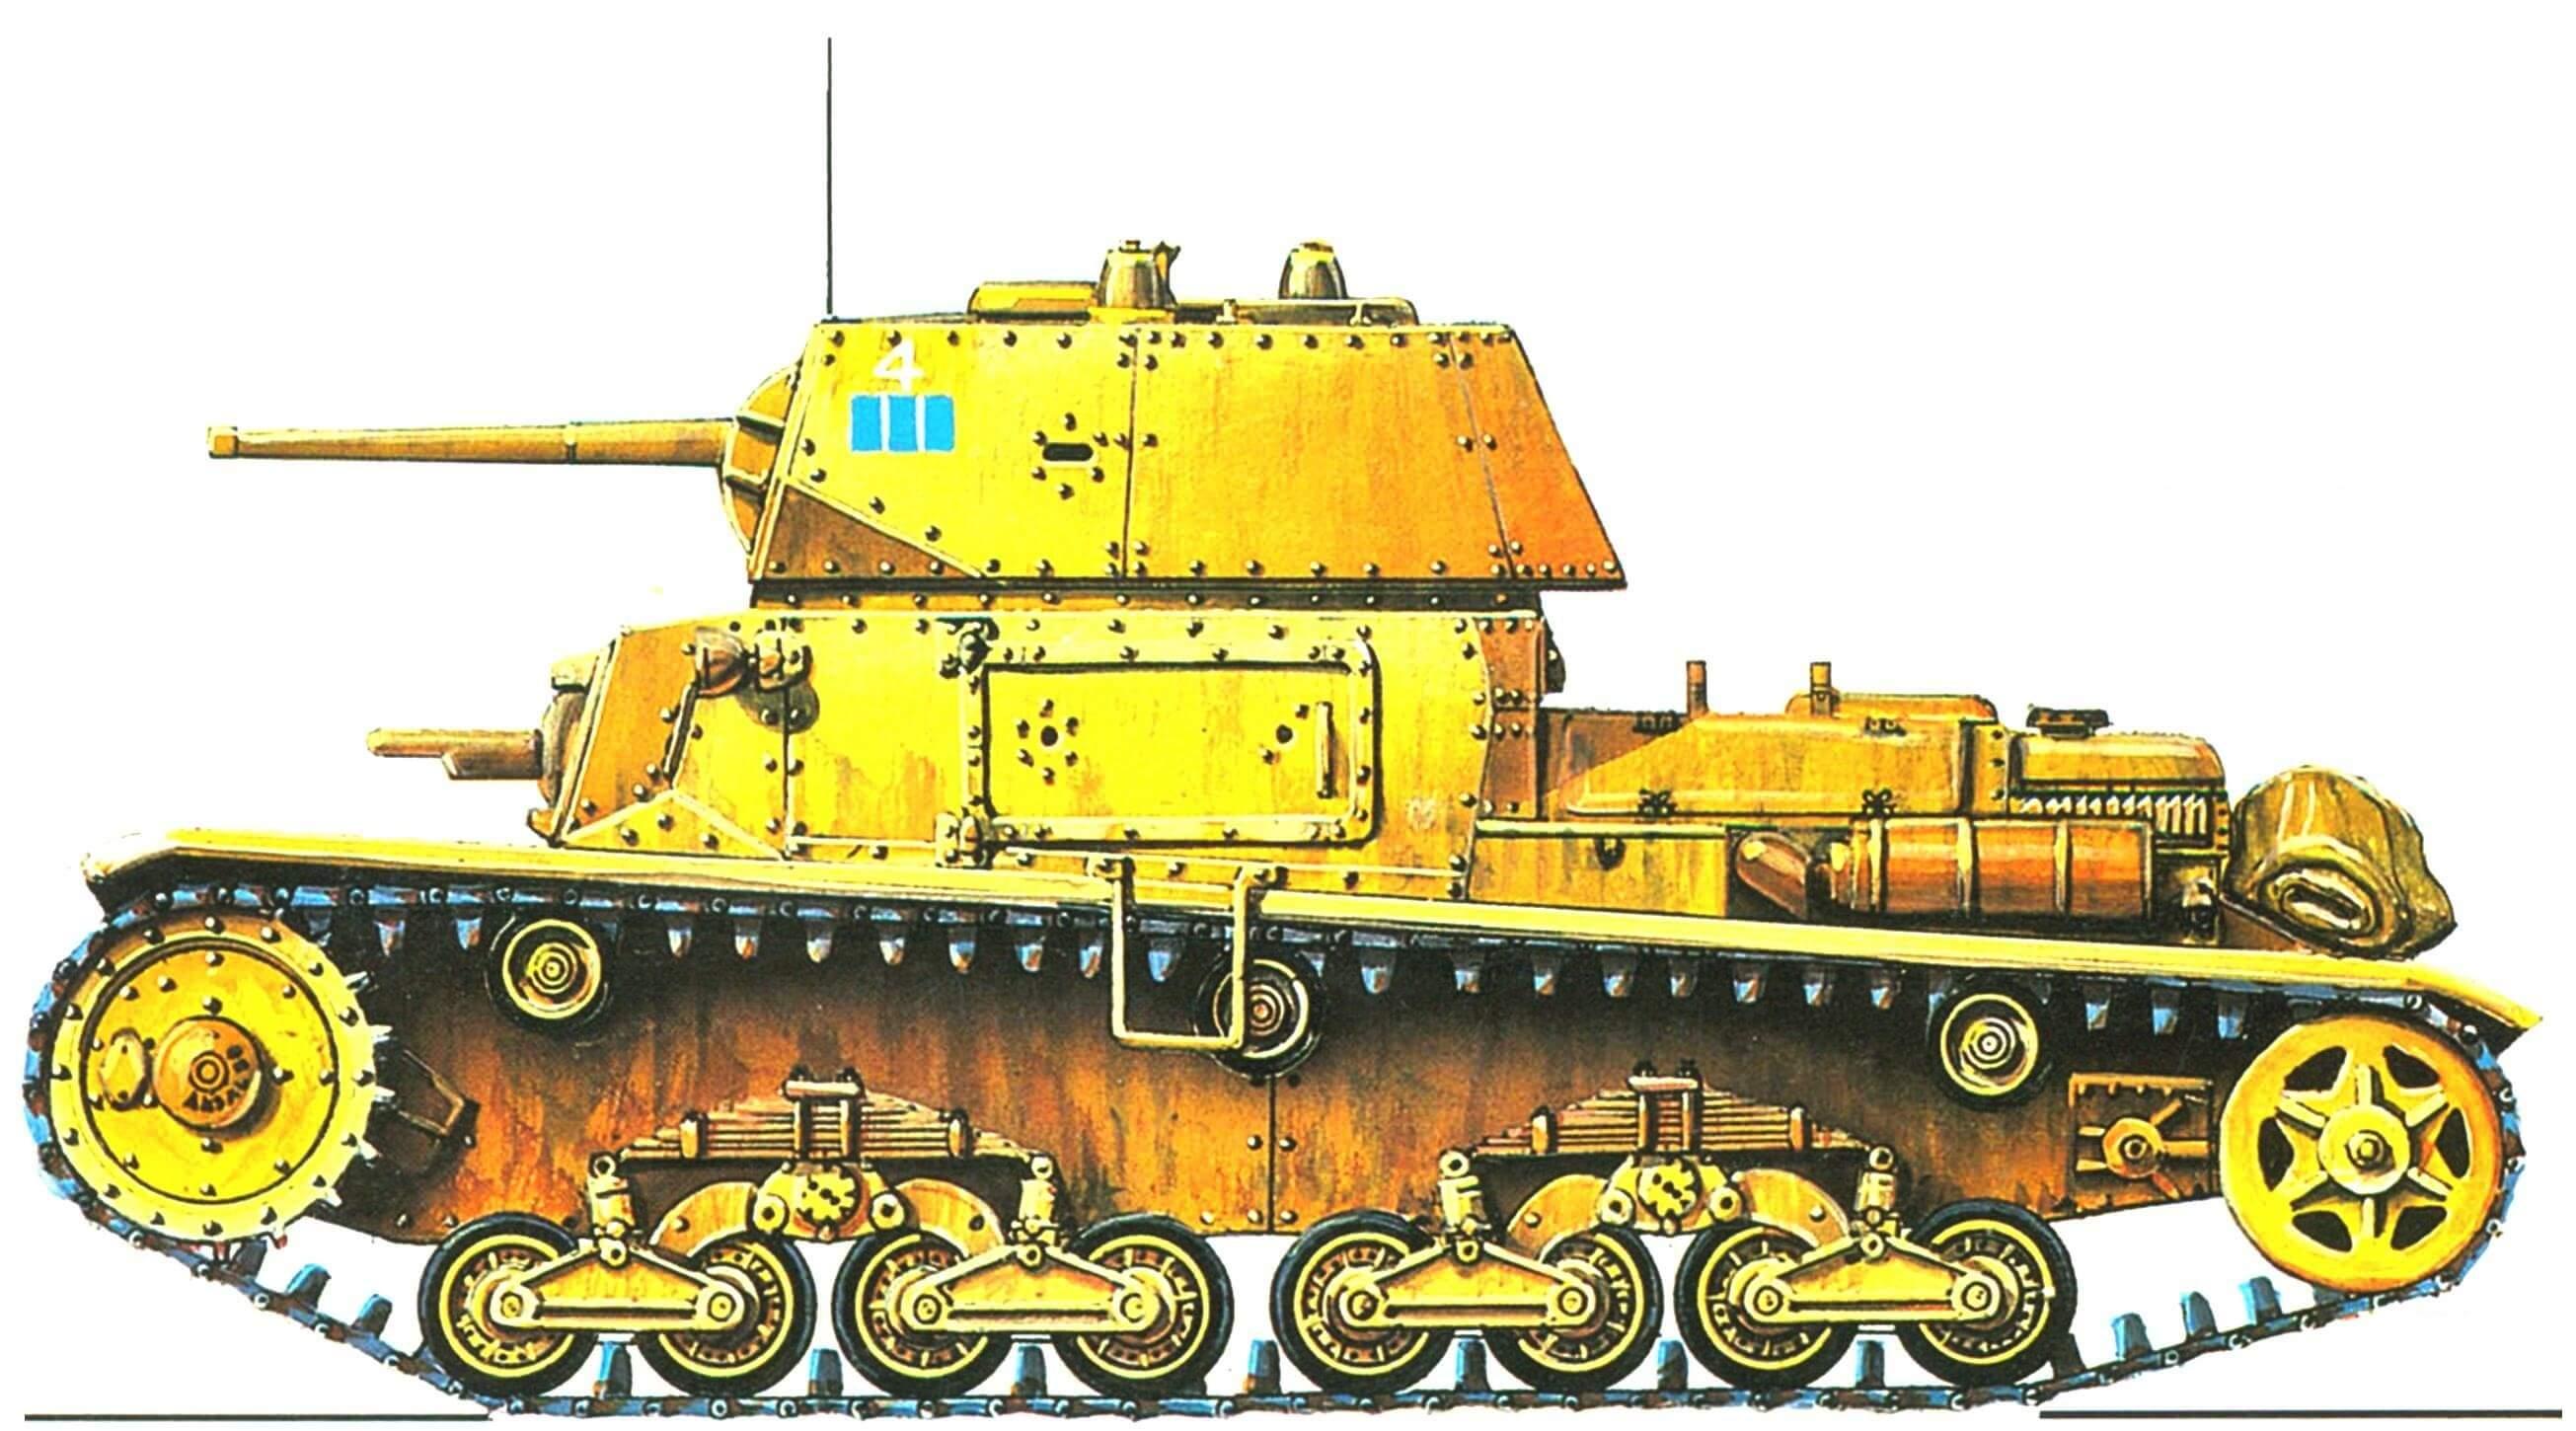 Carro Armato М13/40. 2-й взвод 2-й роты 1-го батальона 132-го полка танковой дивизии «Ариете» (Ariete), 1942 год.